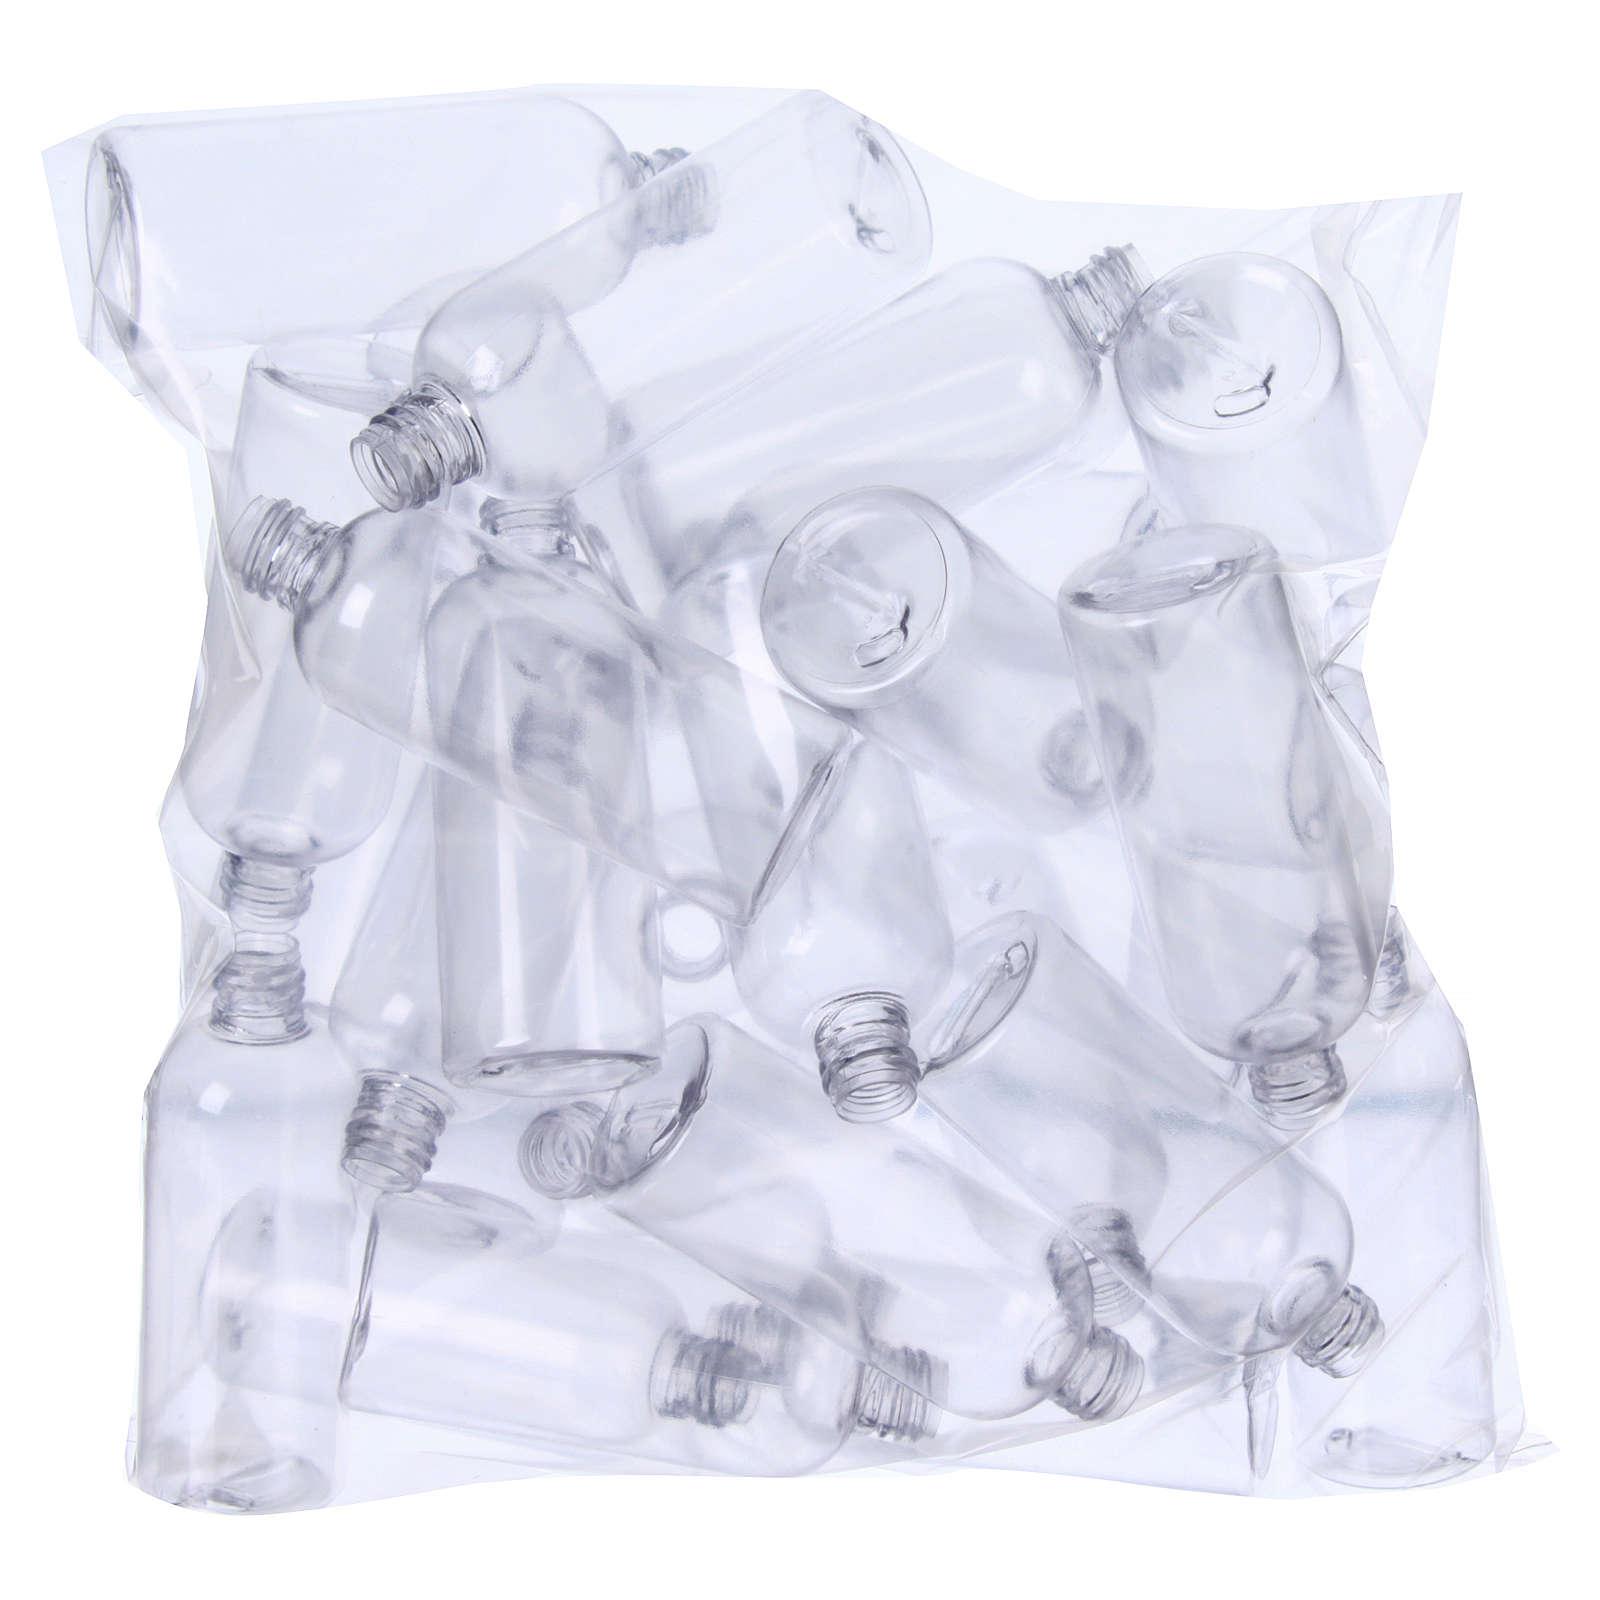 Butelki na wodę święconą 100 ml cylindryczne 100 sztuk 3